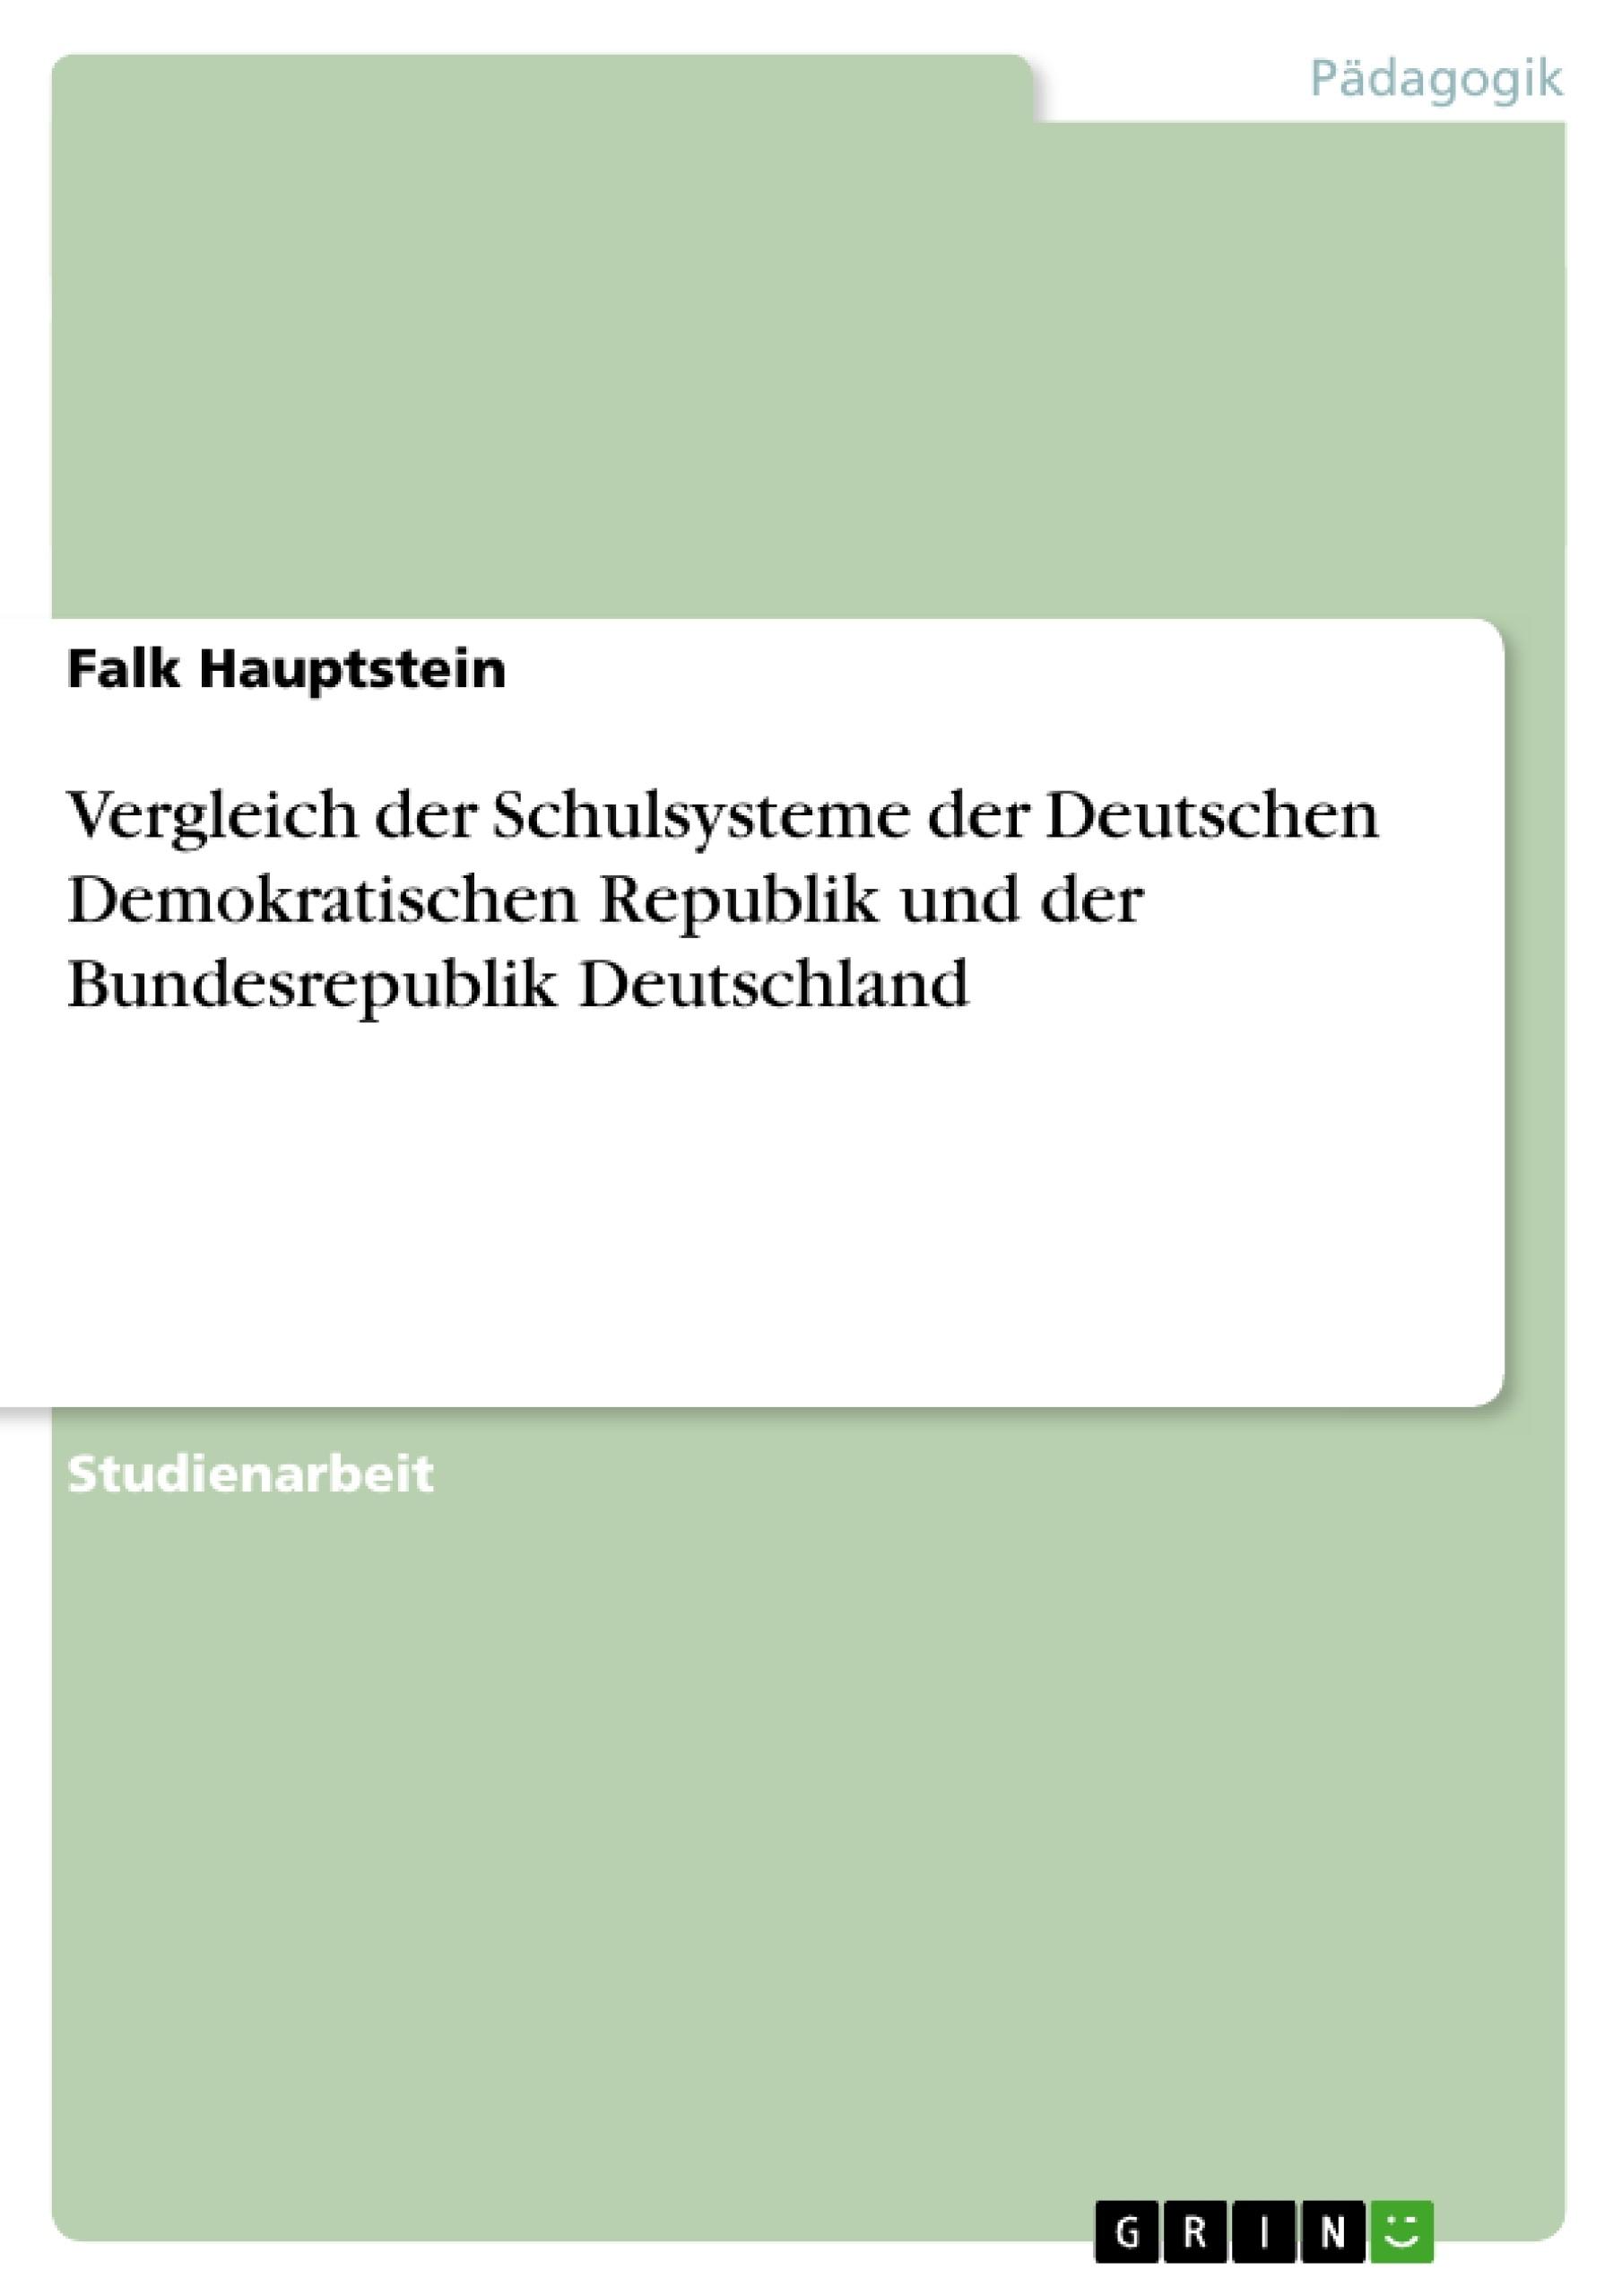 Titel: Vergleich der Schulsysteme der Deutschen Demokratischen Republik und der Bundesrepublik Deutschland